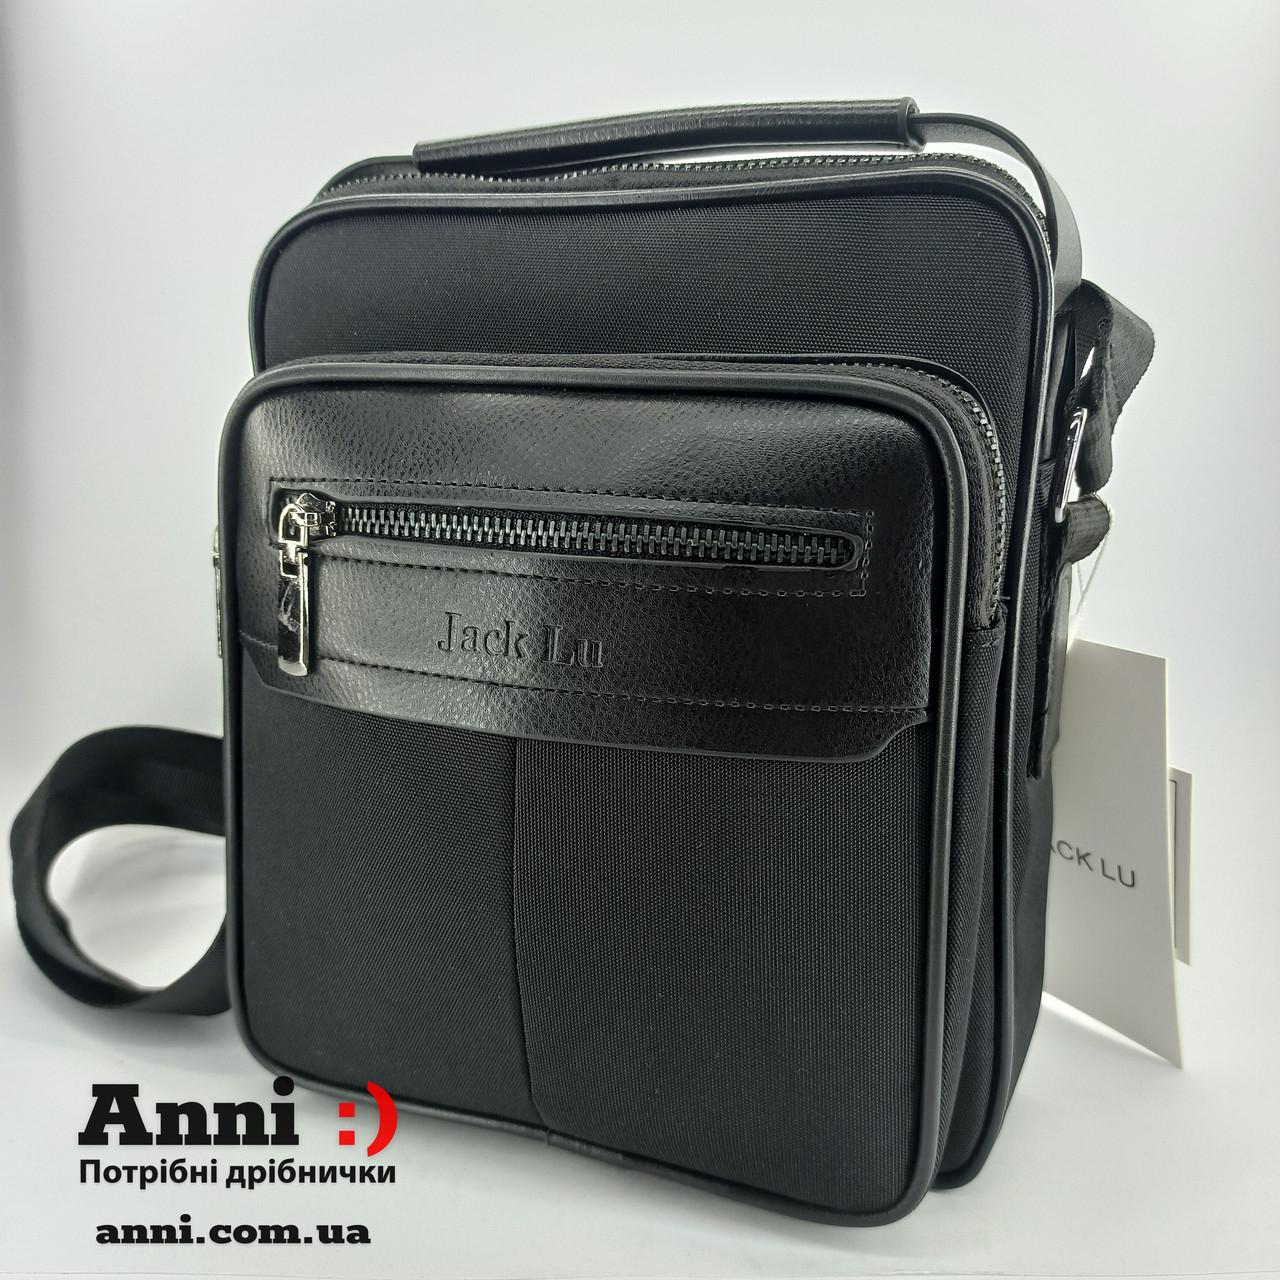 Чоловіча сумка планшет через плече 24см * 20см Jack Lu Z3129-3